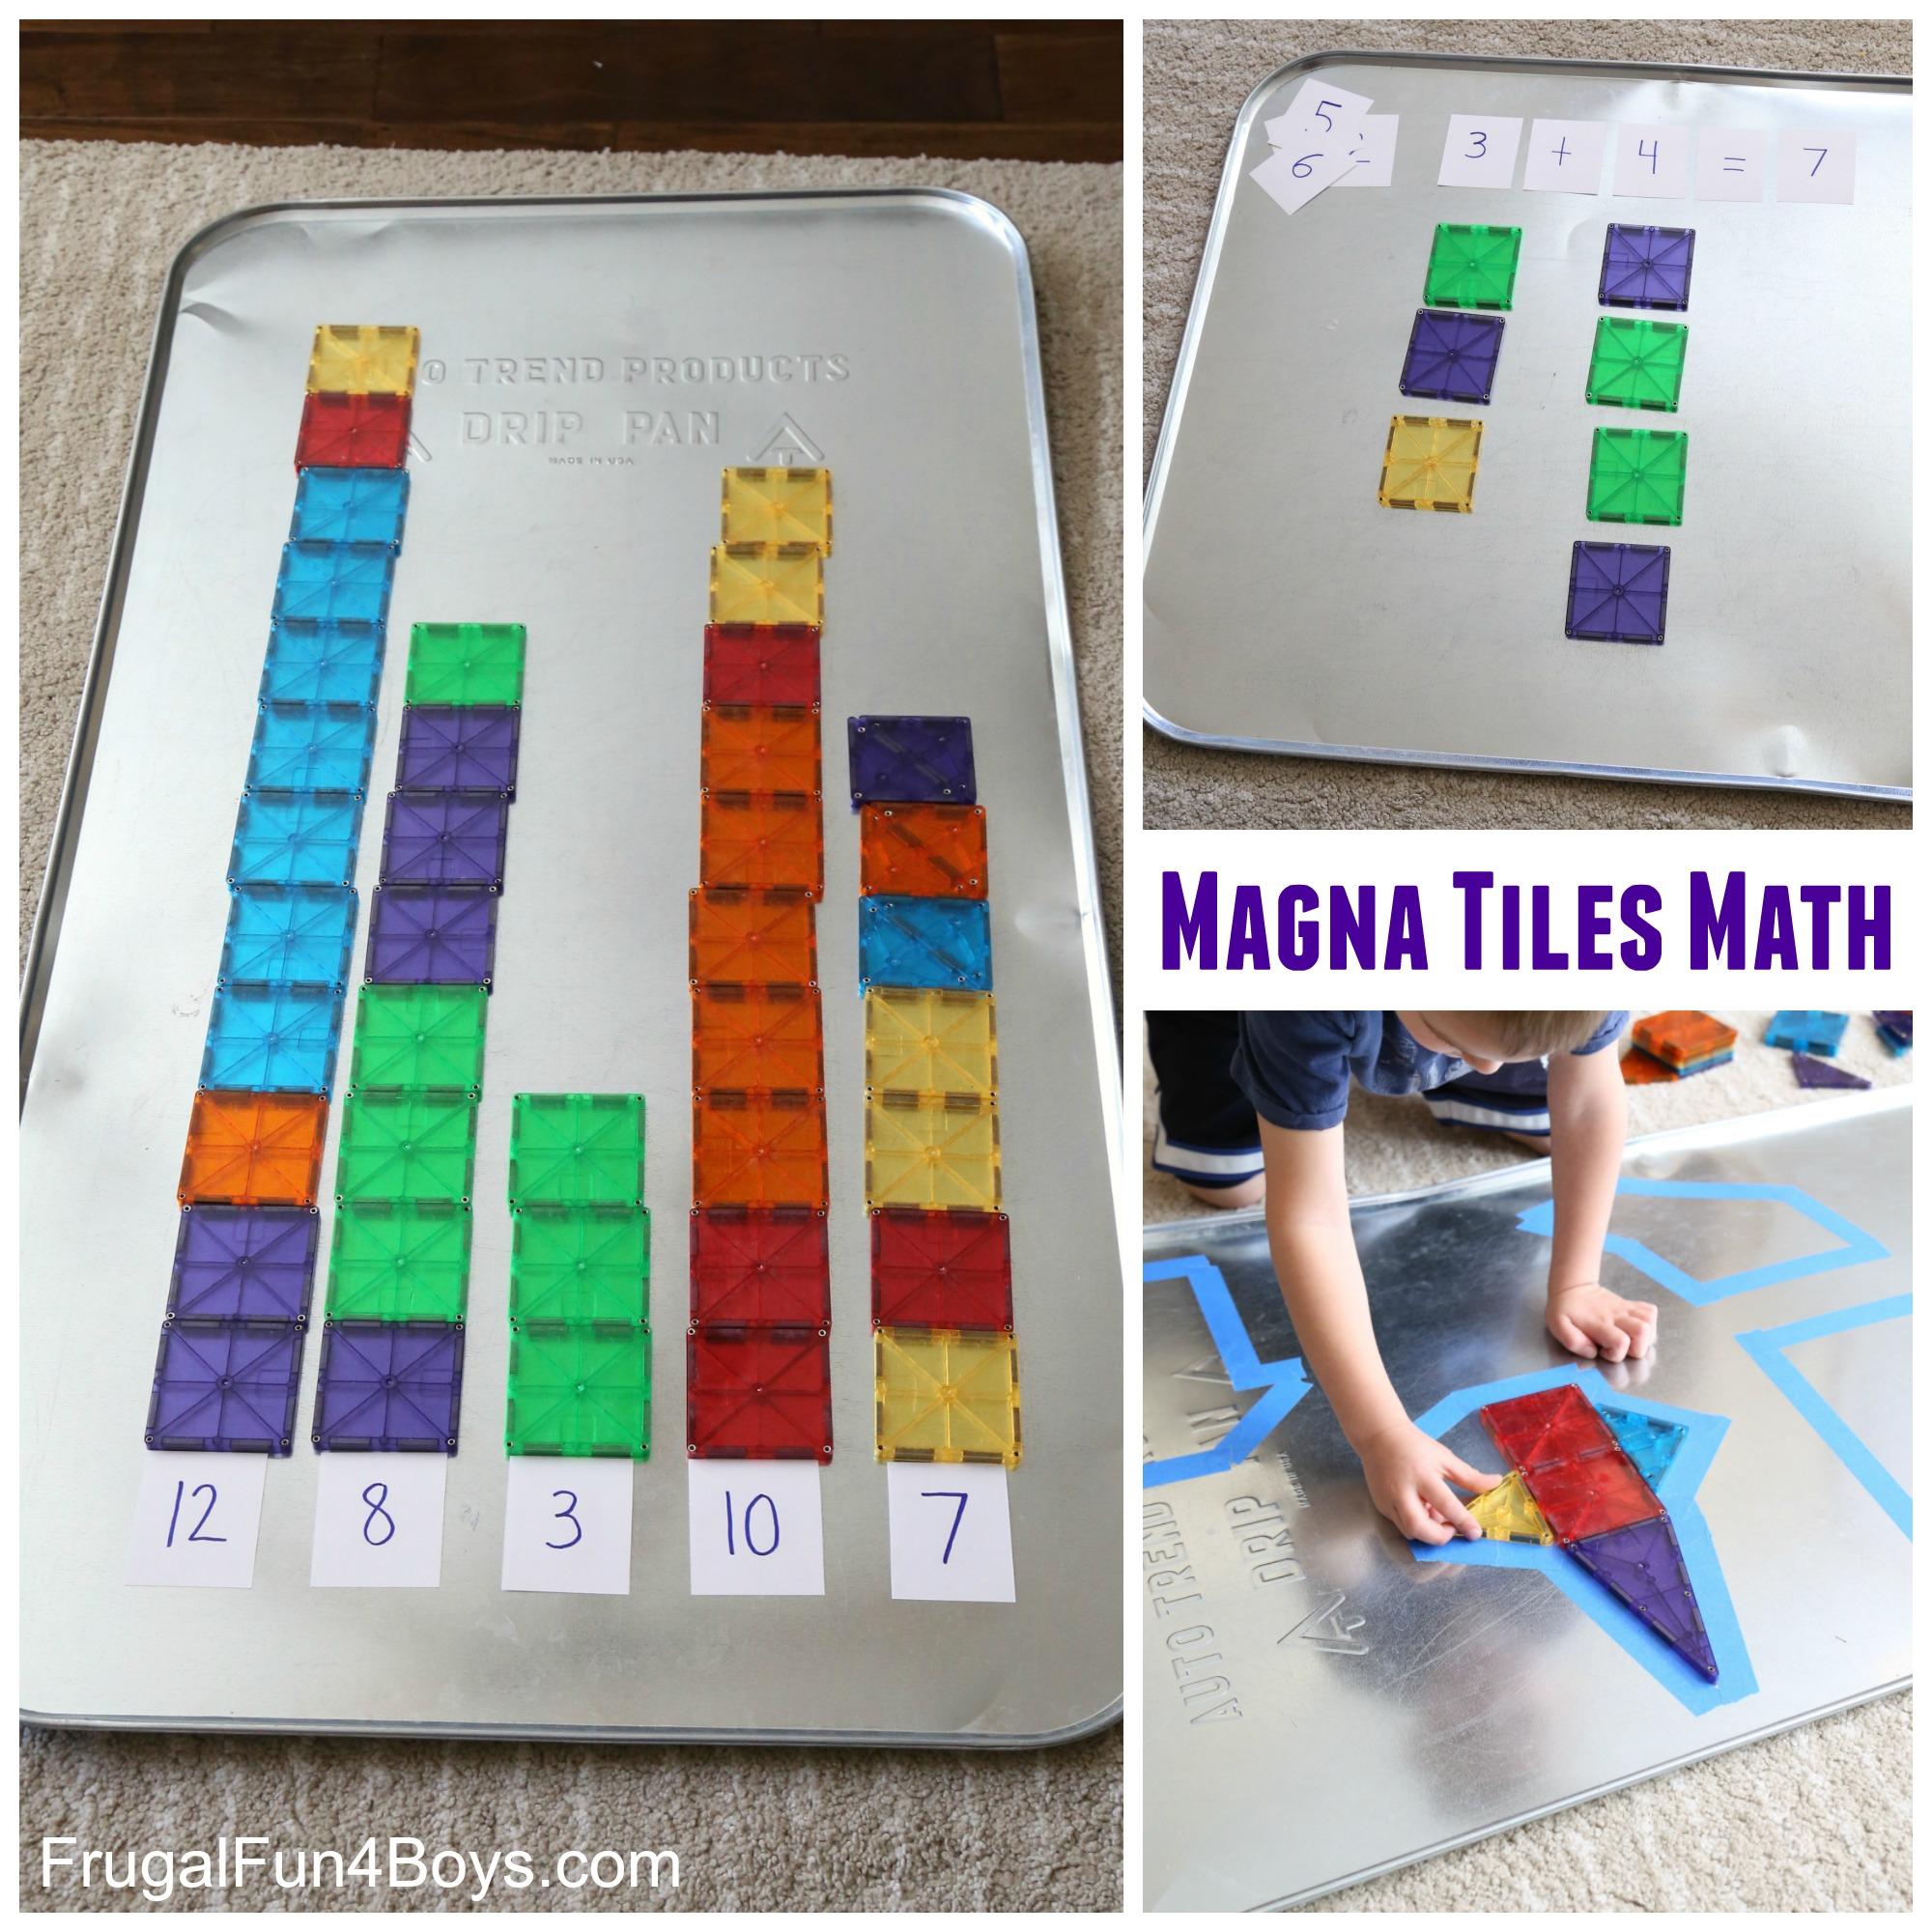 Lovely Magna Tiles Four Math Games Magna Tiles Frugal Girls Magna Tiles 100 Piece Set Sale Magna Tiles 100 Ebay Four Math Games Boys baby Magna Tiles 100